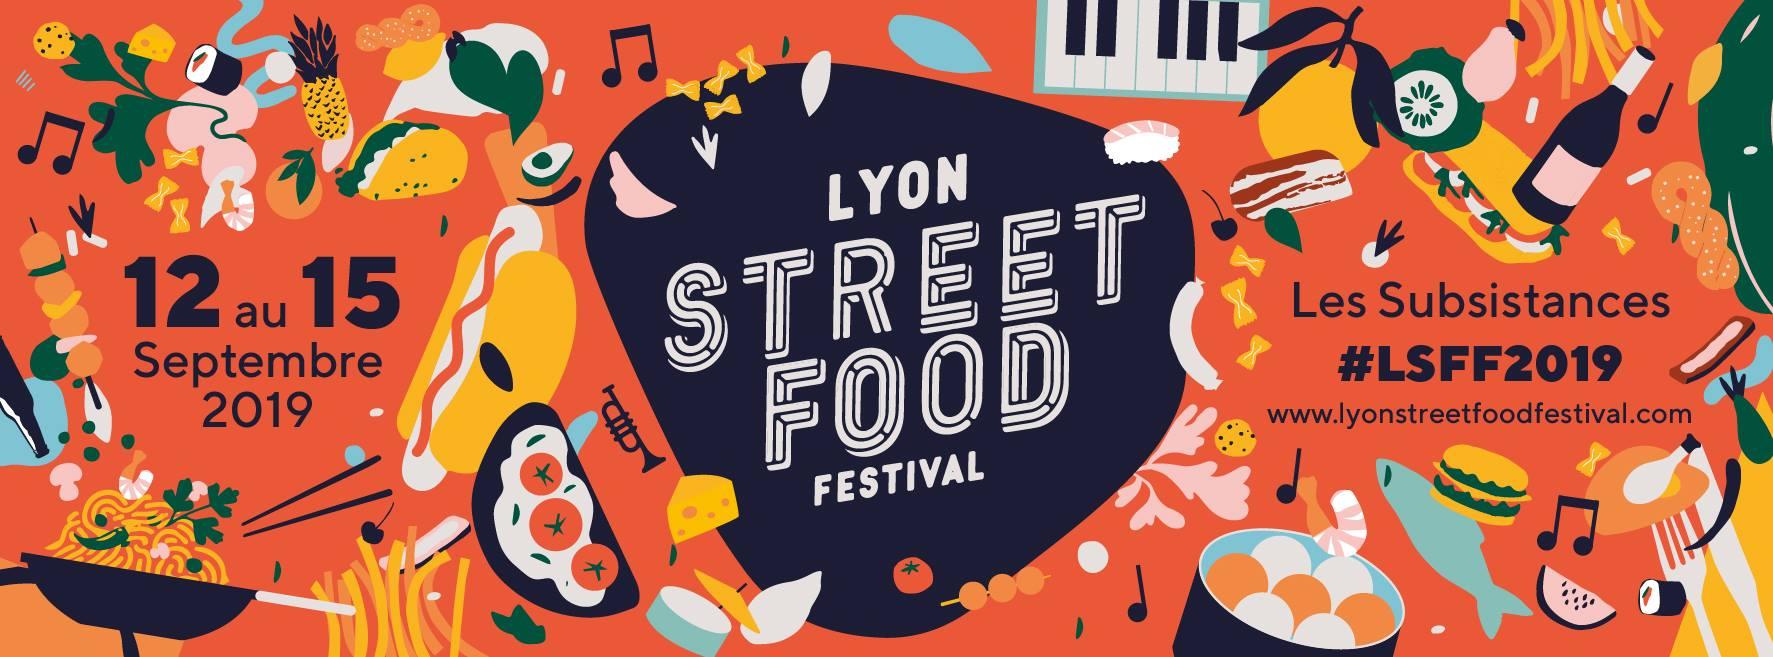 Lyon Street Food Festival | 4ème édition | Du 12 au 15 septembre 2019